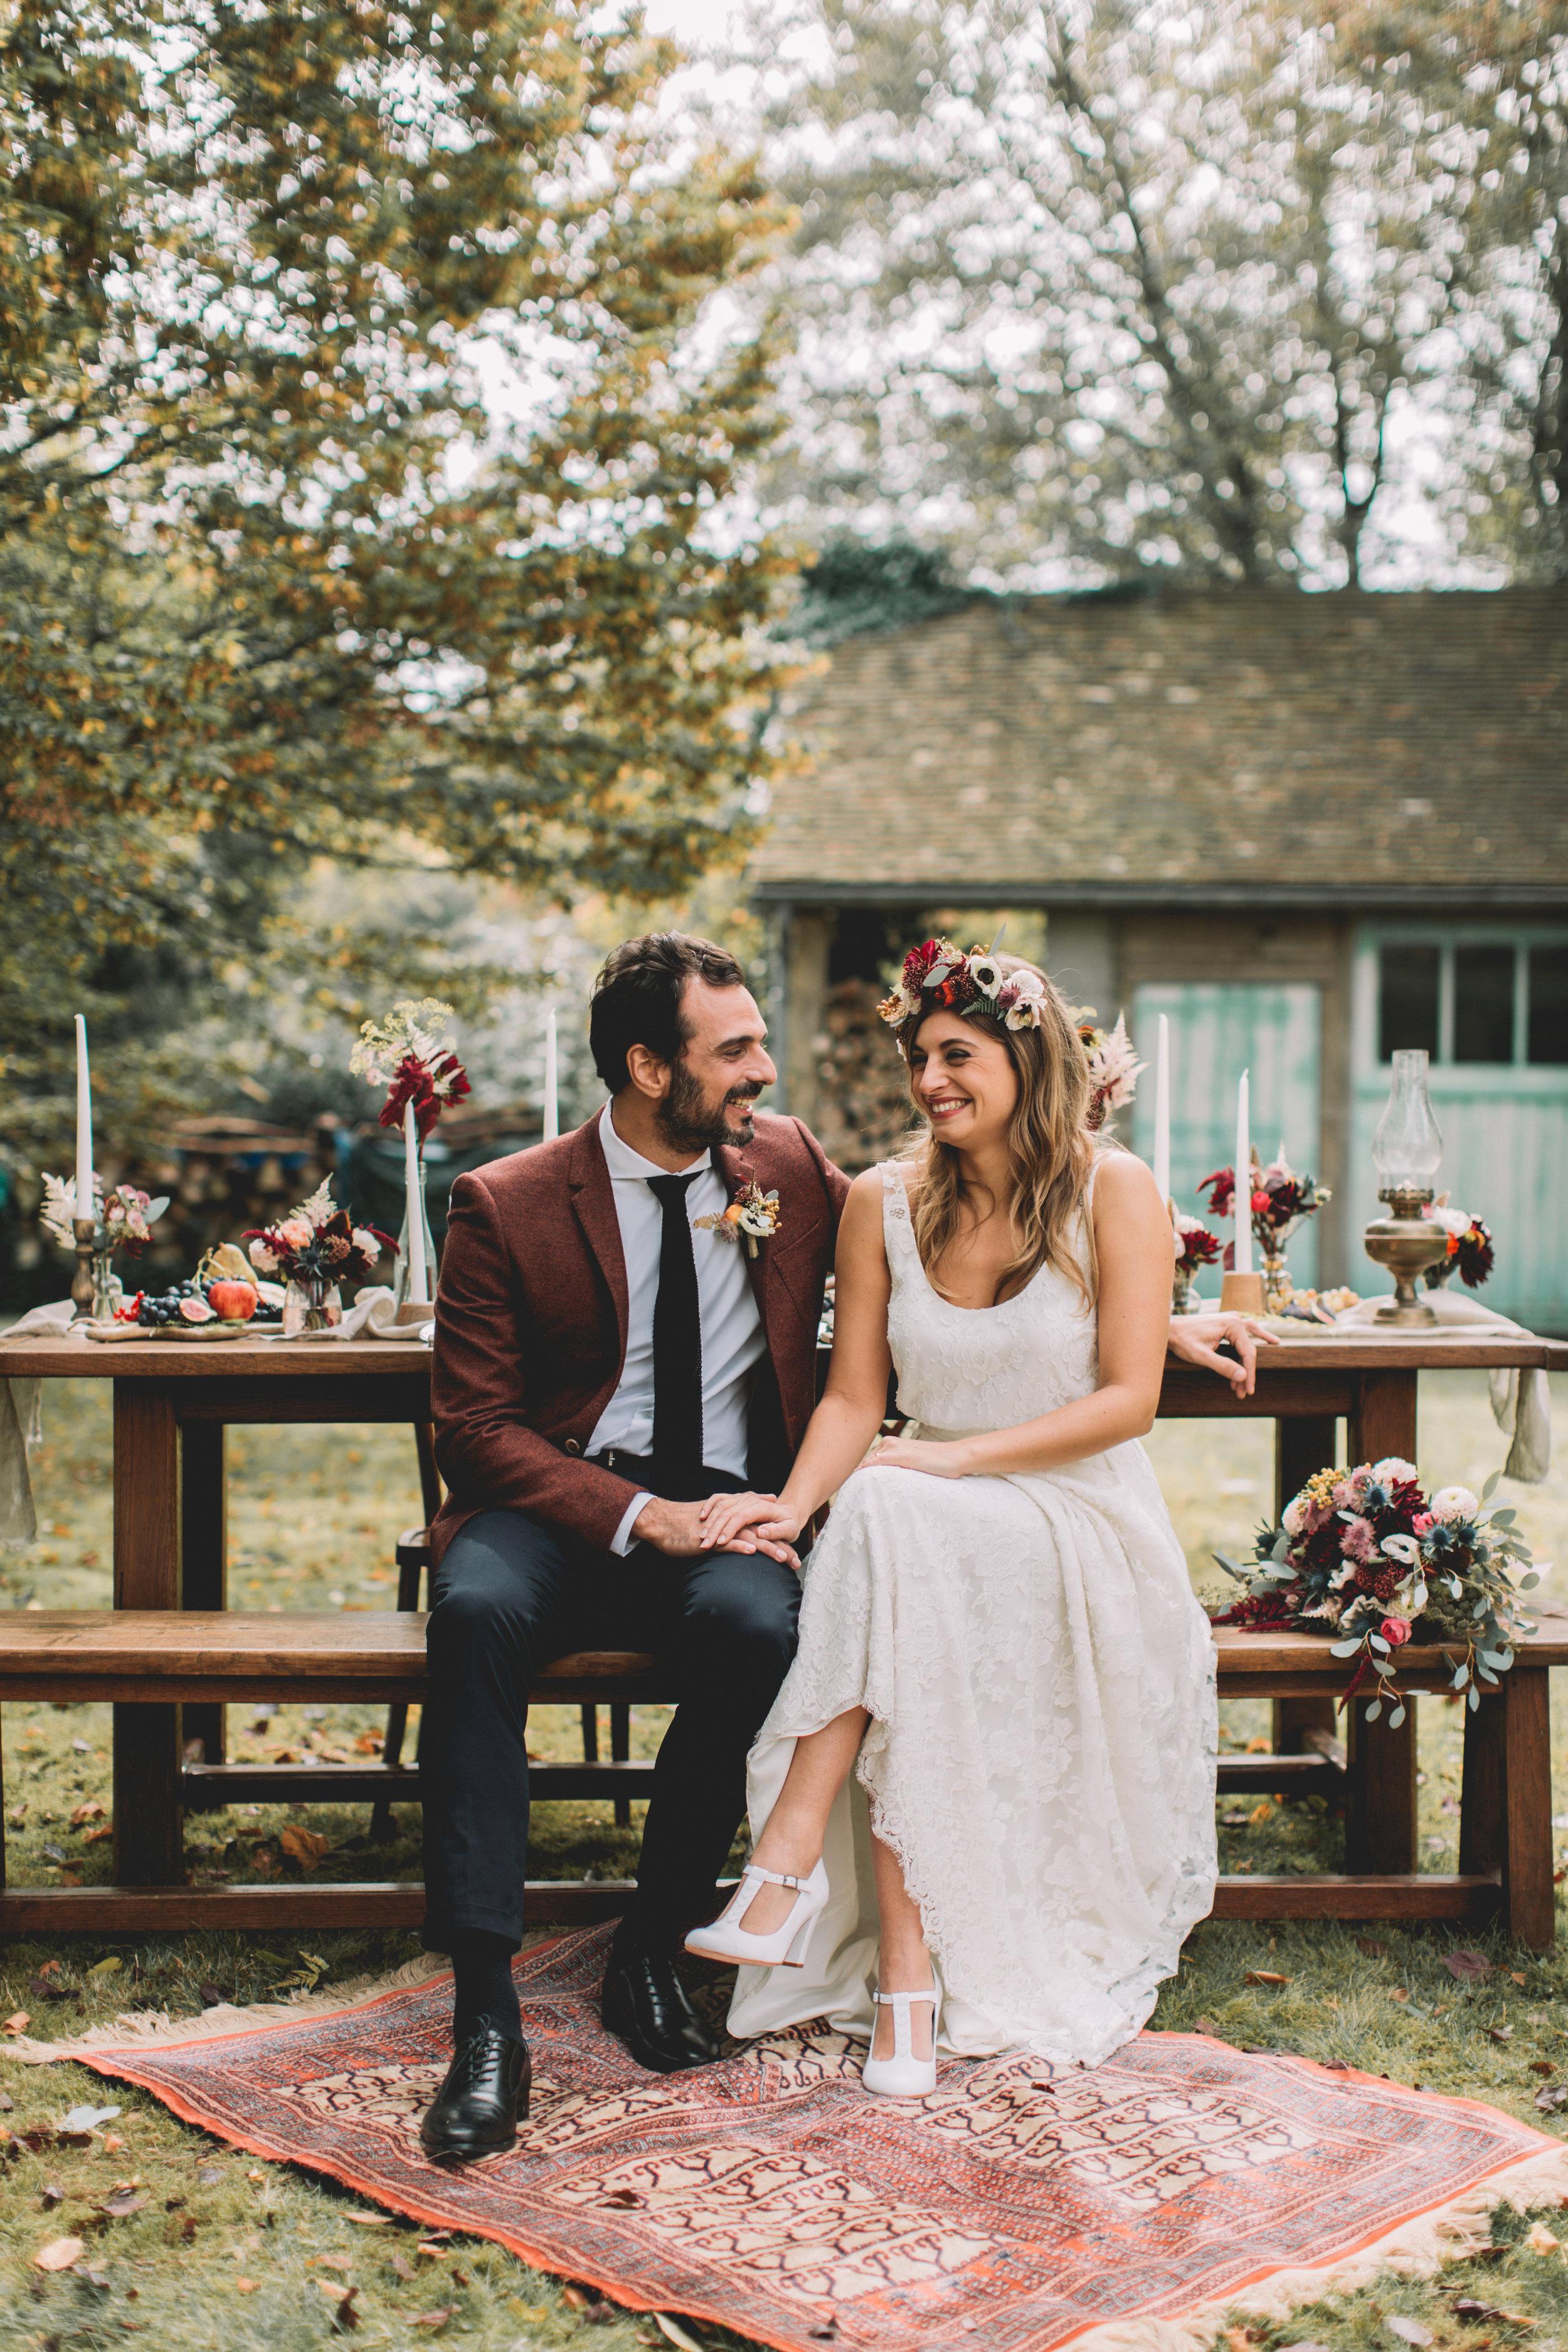 bröllop+boho+höst+dukning